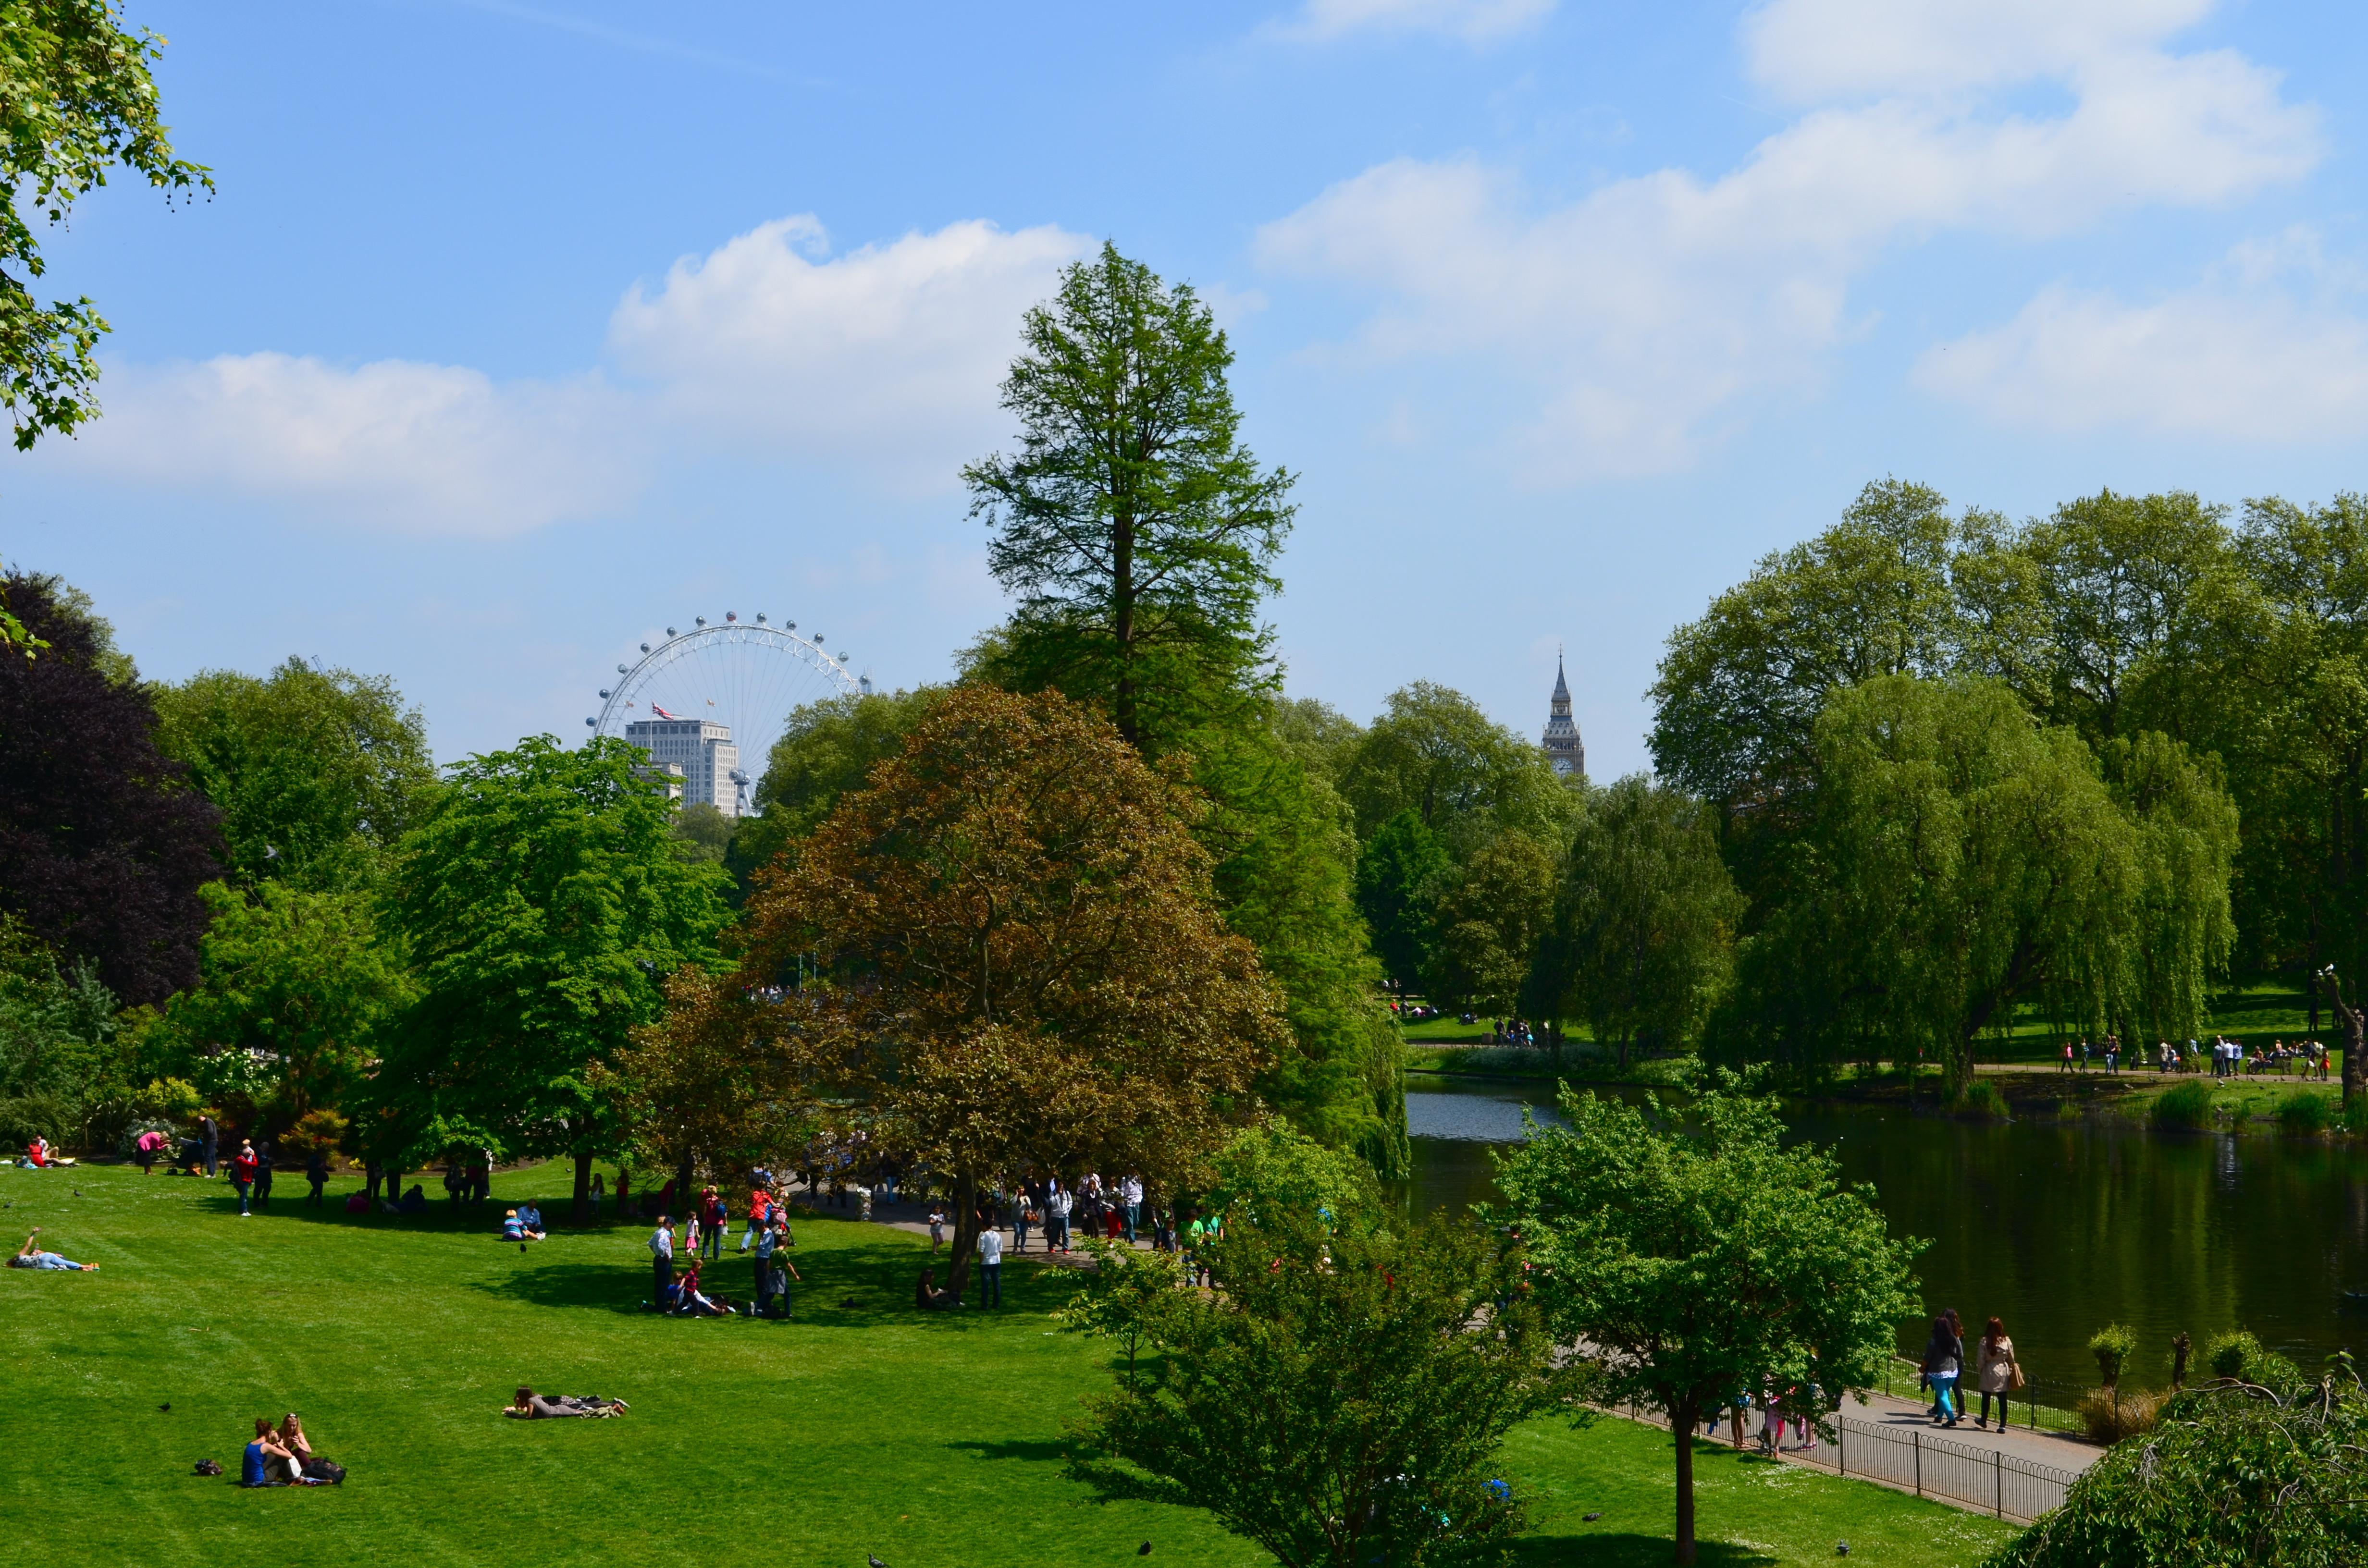 все равно, картинки с лондоном парки лондона свете